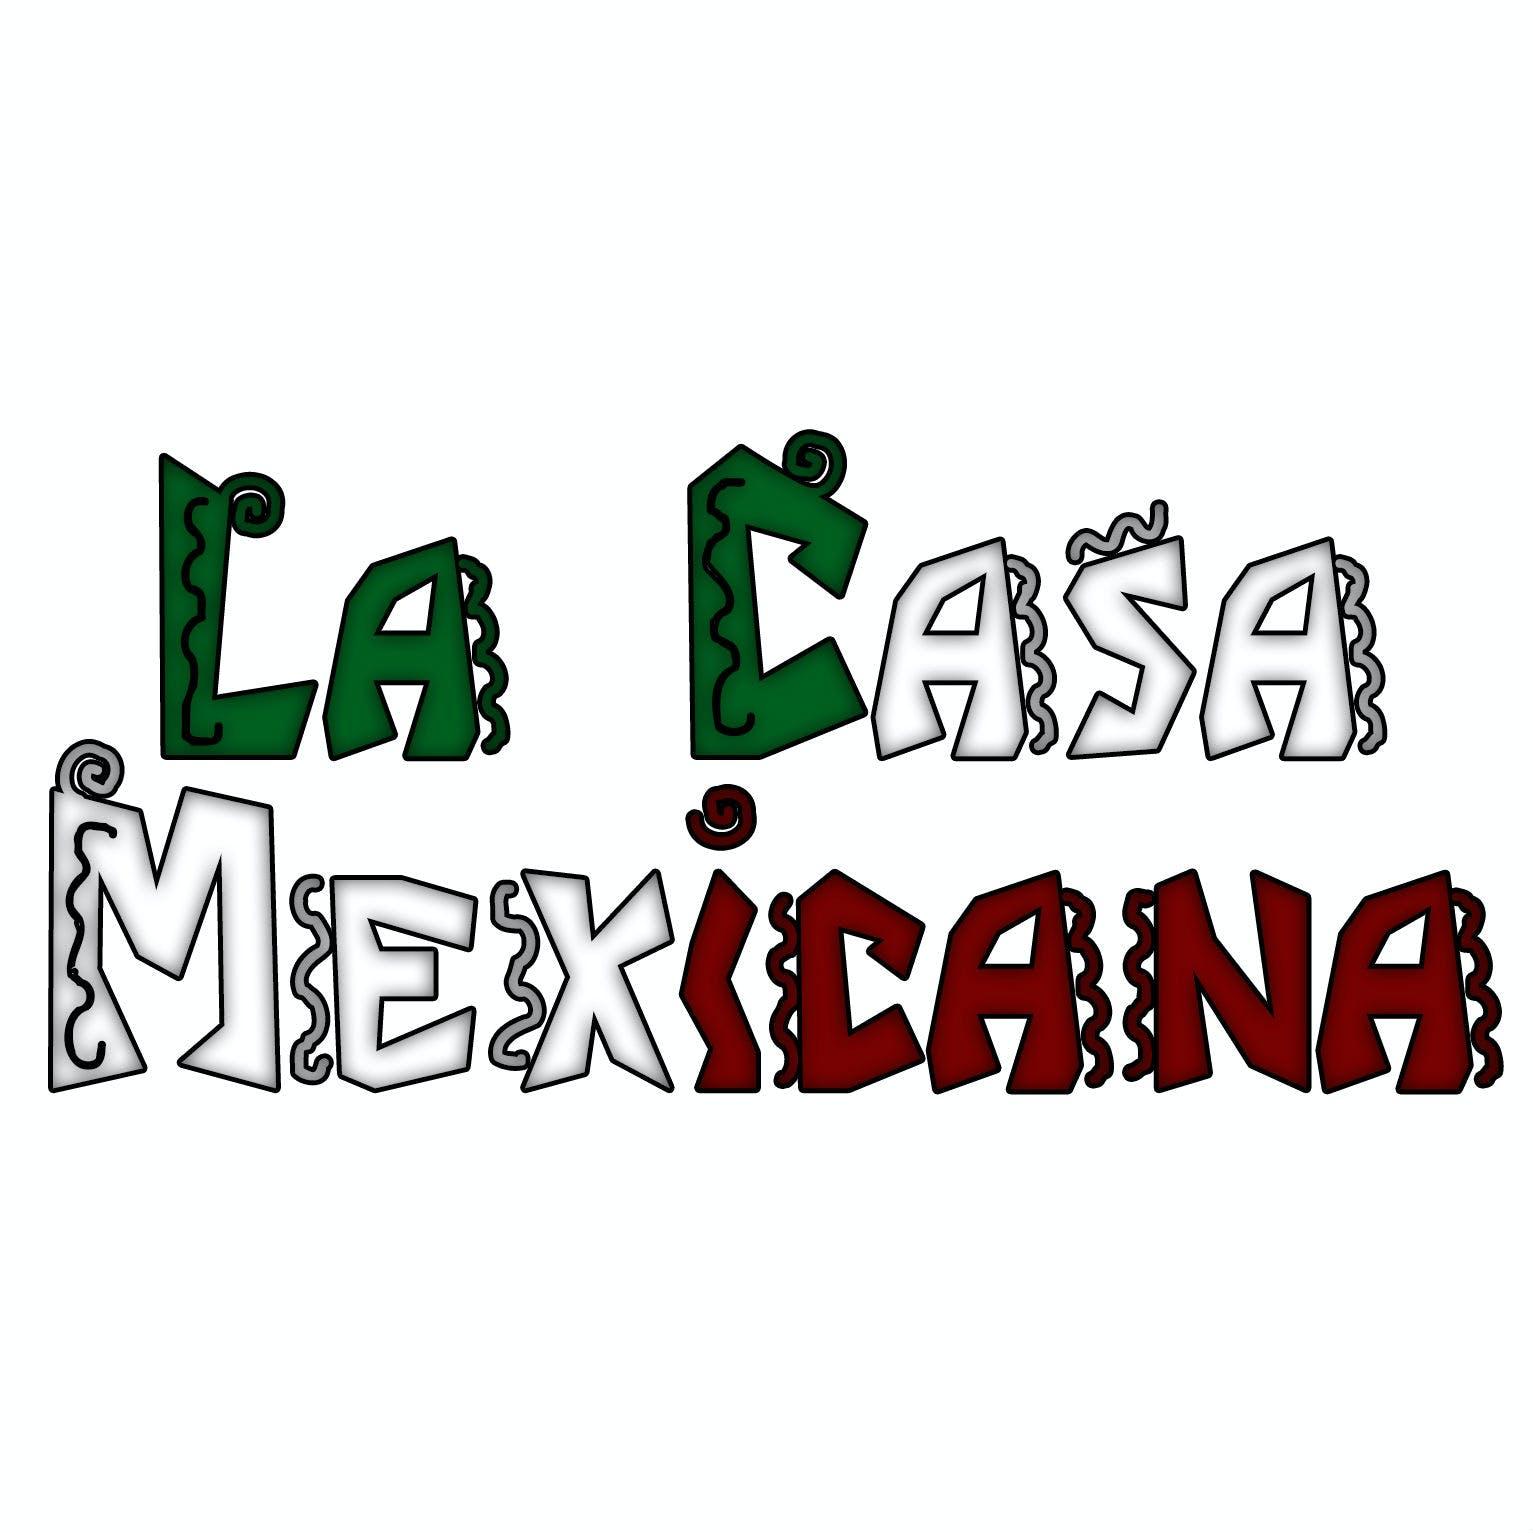 La Casa Mexicana - Bayshore Menu and Delivery in Glendale WI, 53217